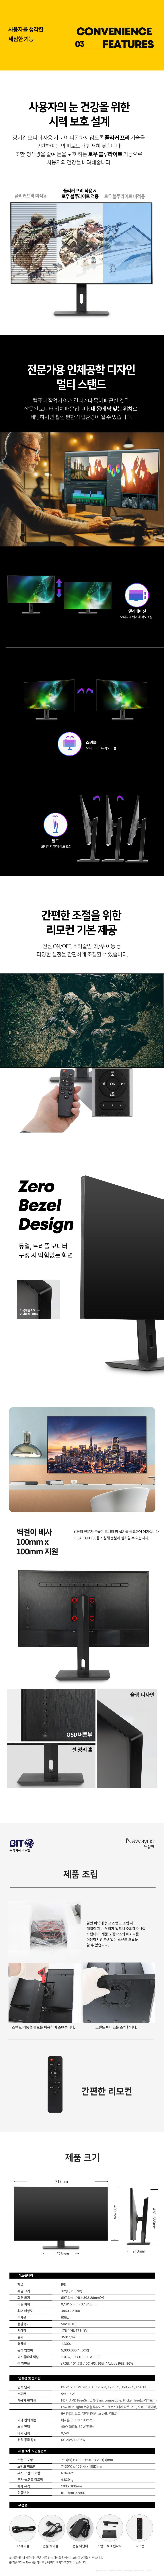 비트엠 Newsync 3280U 4K HDR 멀티스탠드 PD 무결점